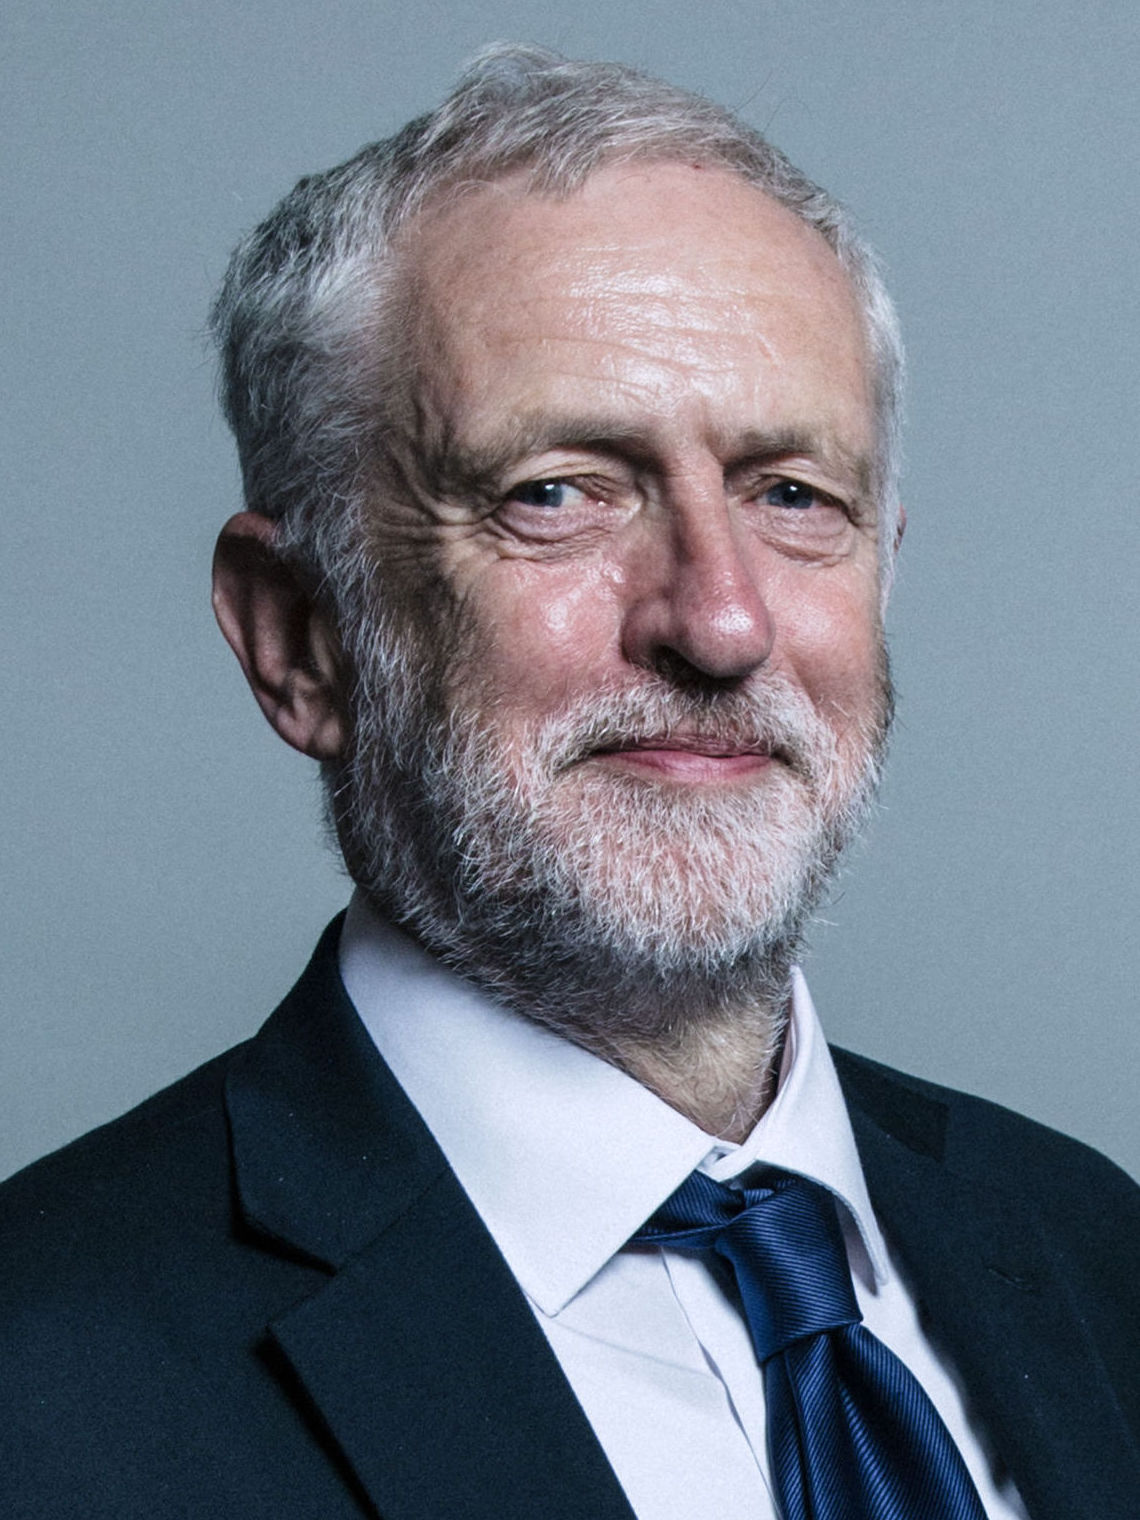 Official_portrait_of_Jeremy_Corbyn_crop_2.jpg